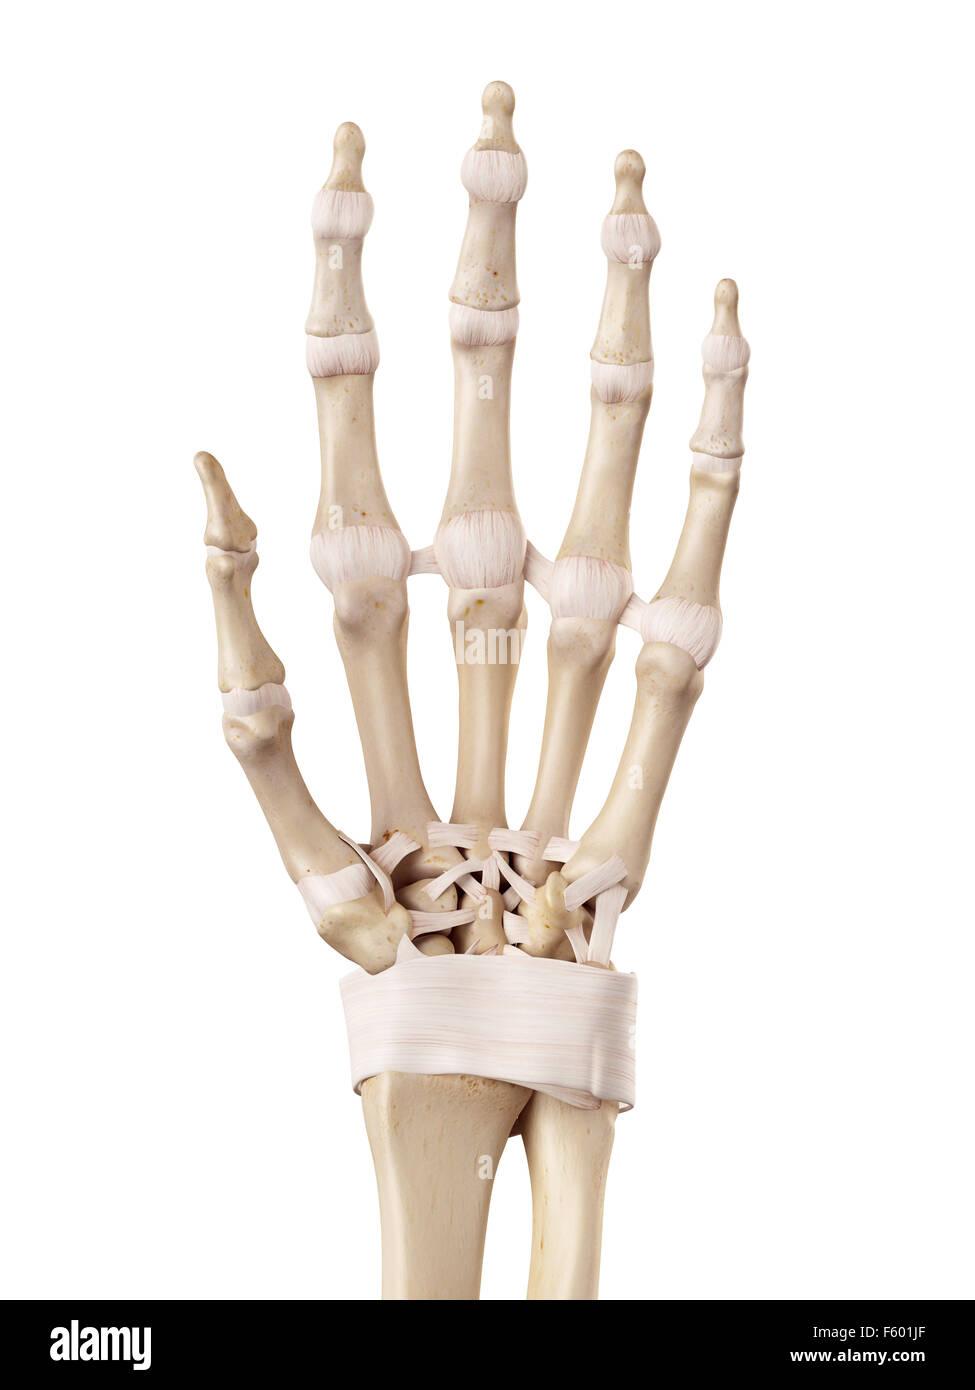 medizinische genaue Abbildung der Hand Bänder Stockfoto, Bild ...